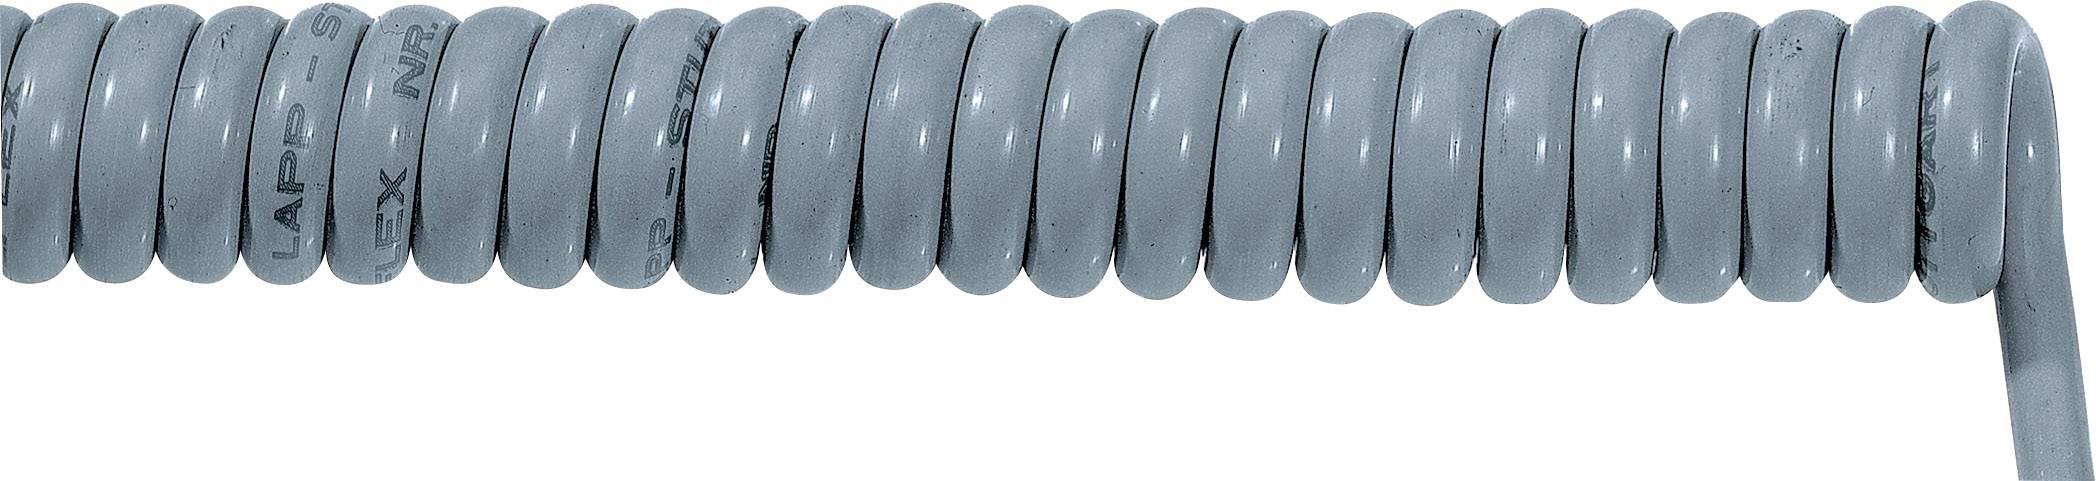 Špirálový kábel 70002654 ÖLFLEX® SPIRAL 400 P 3 x 1 mm², 2000 mm / 6000 mm, sivá